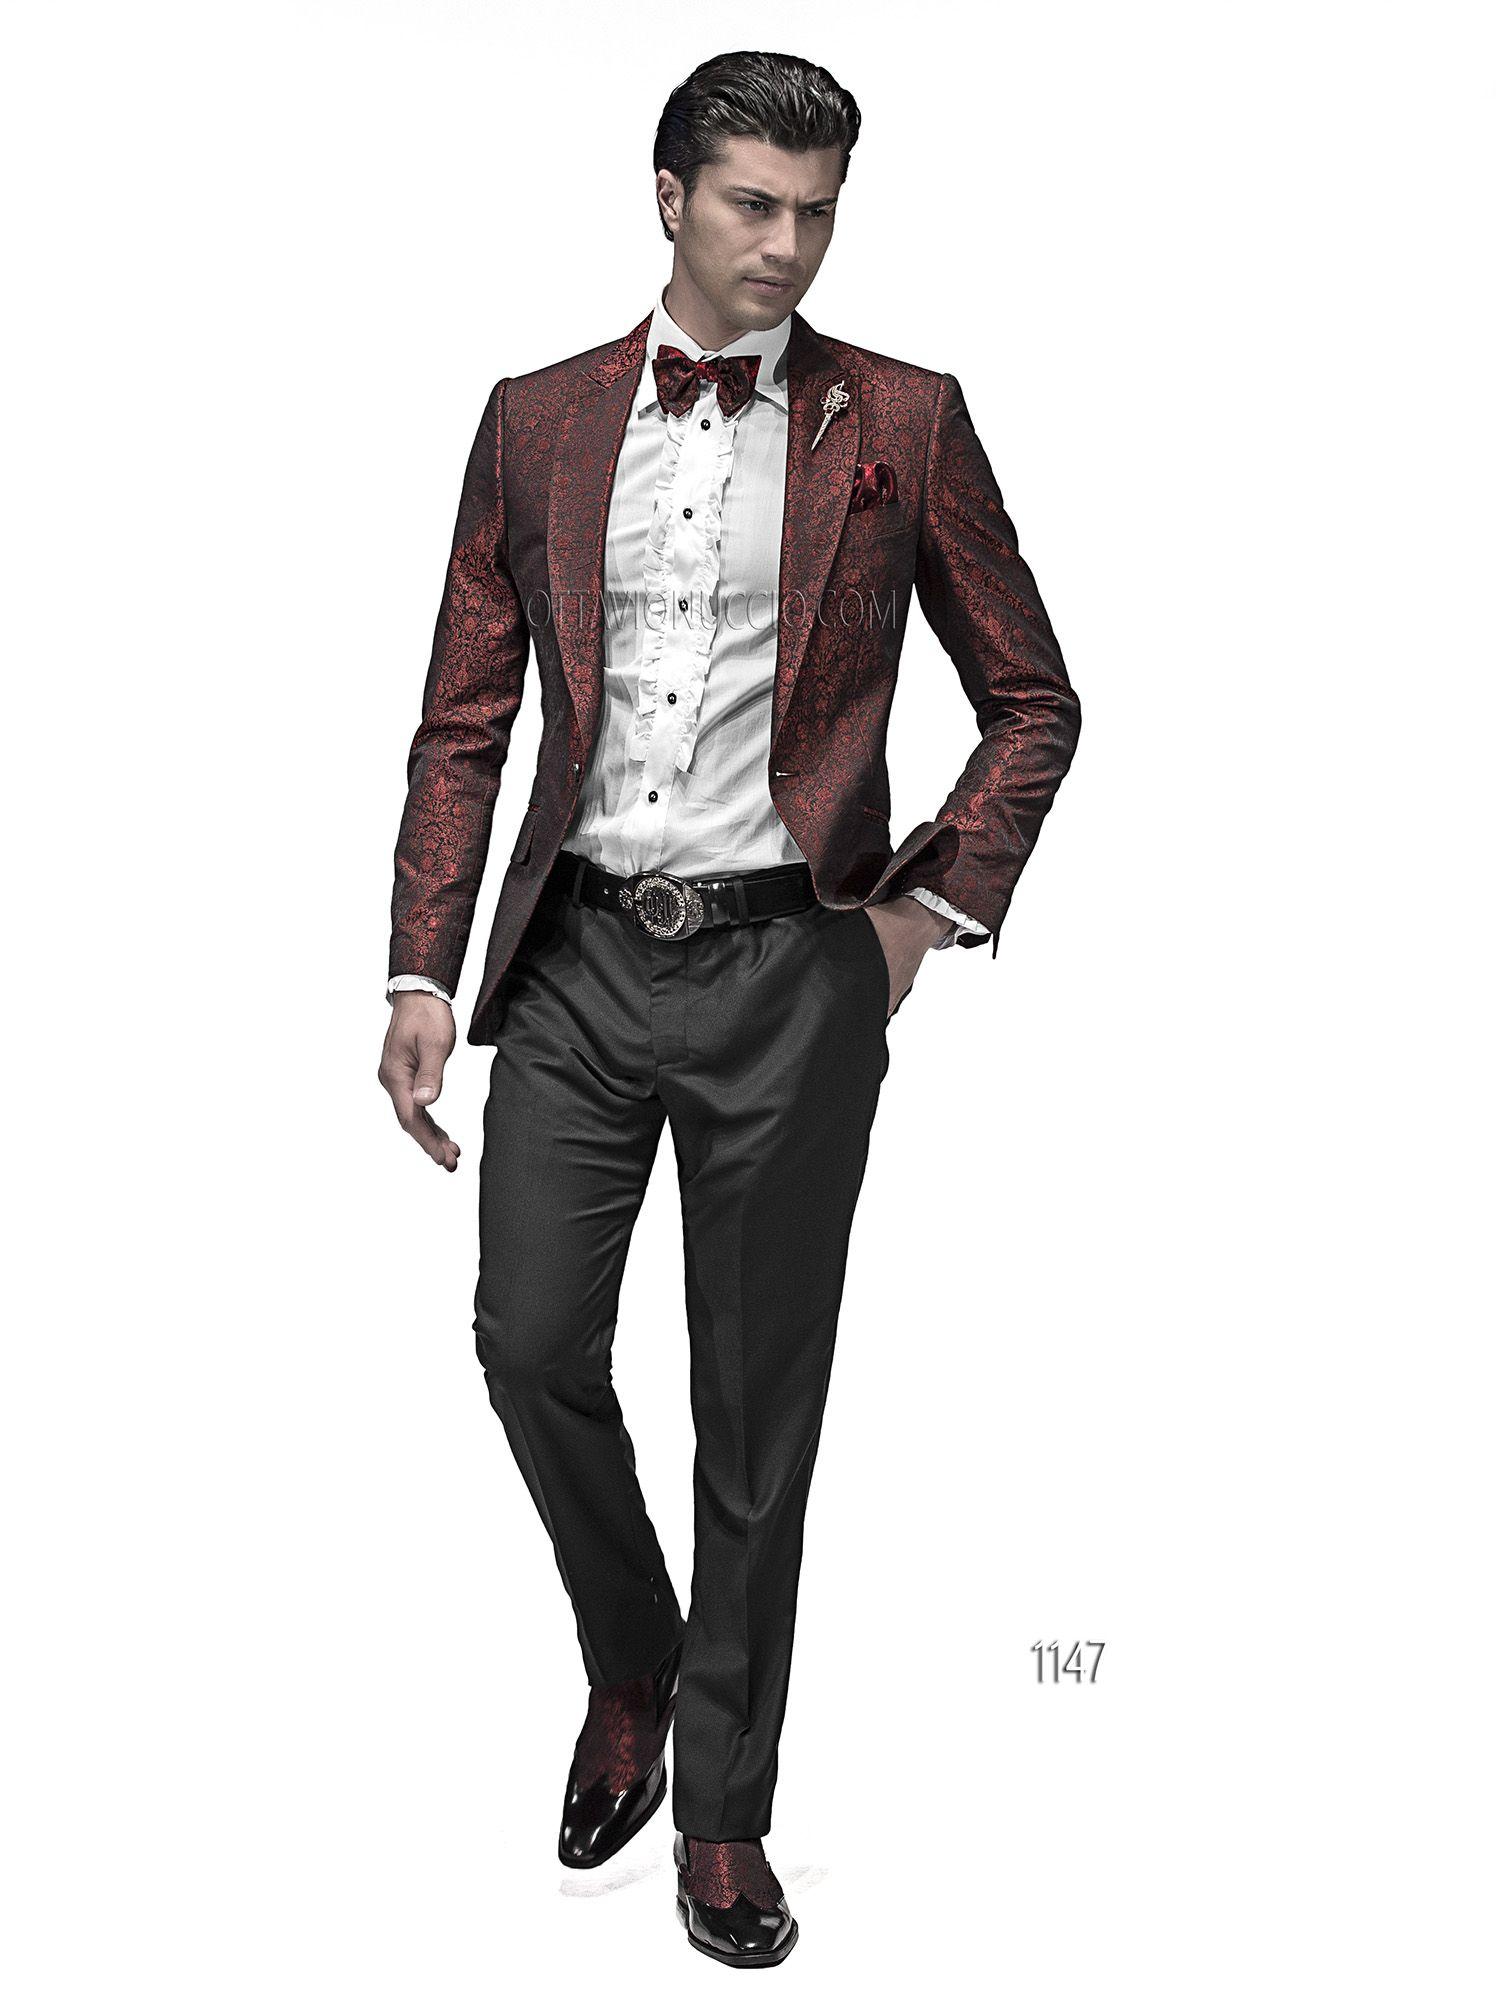 promo code 33c7c 0ba9a Abito da sposo uomo con giacca jacquard nero rosso ...